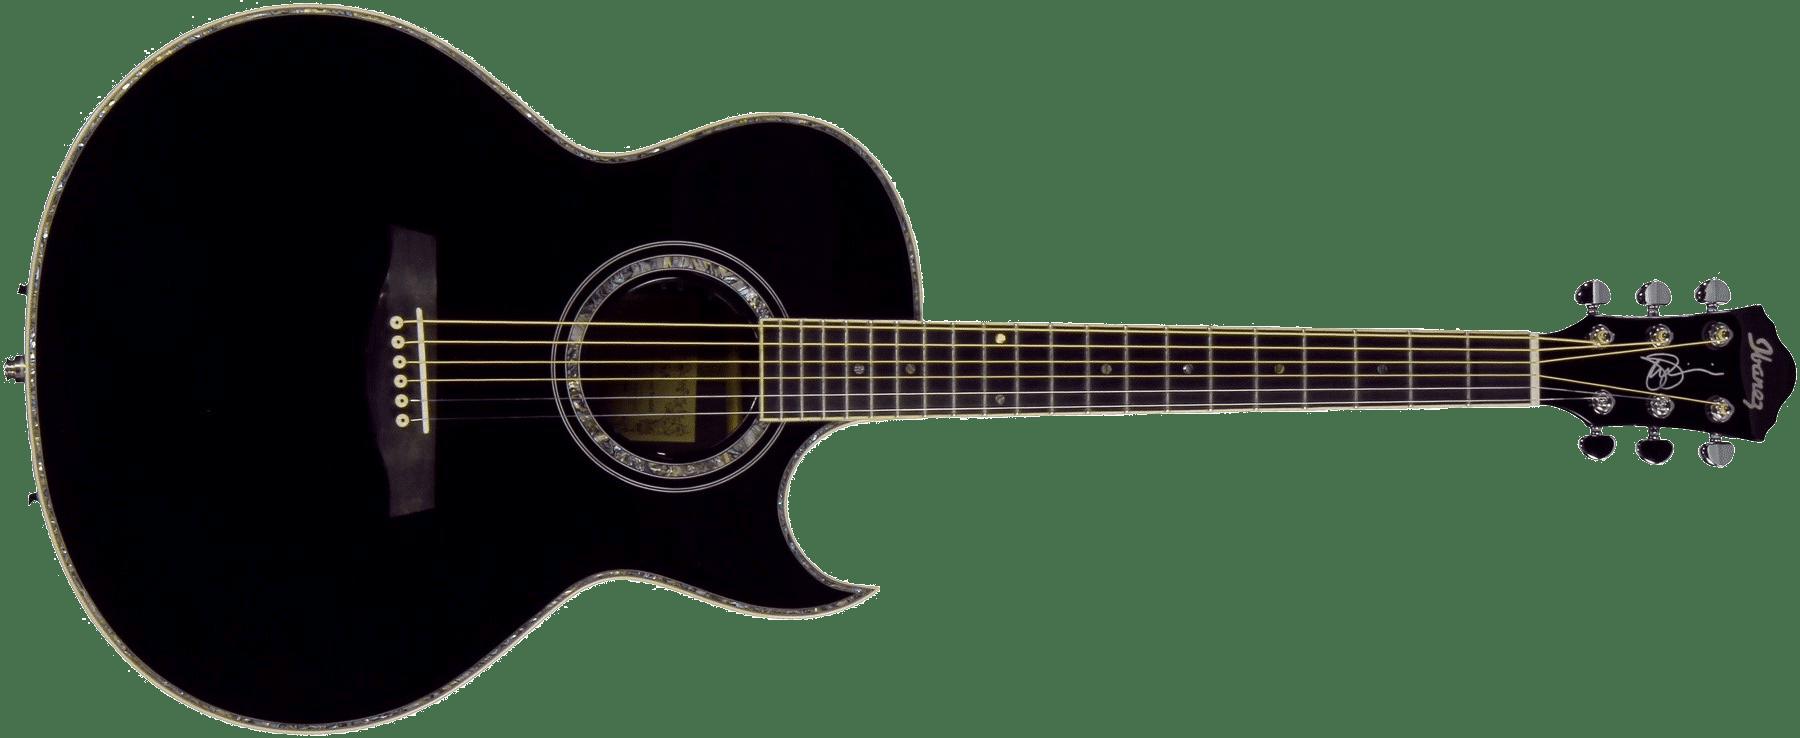 Ibanez JSA10 signature Joe Satriani